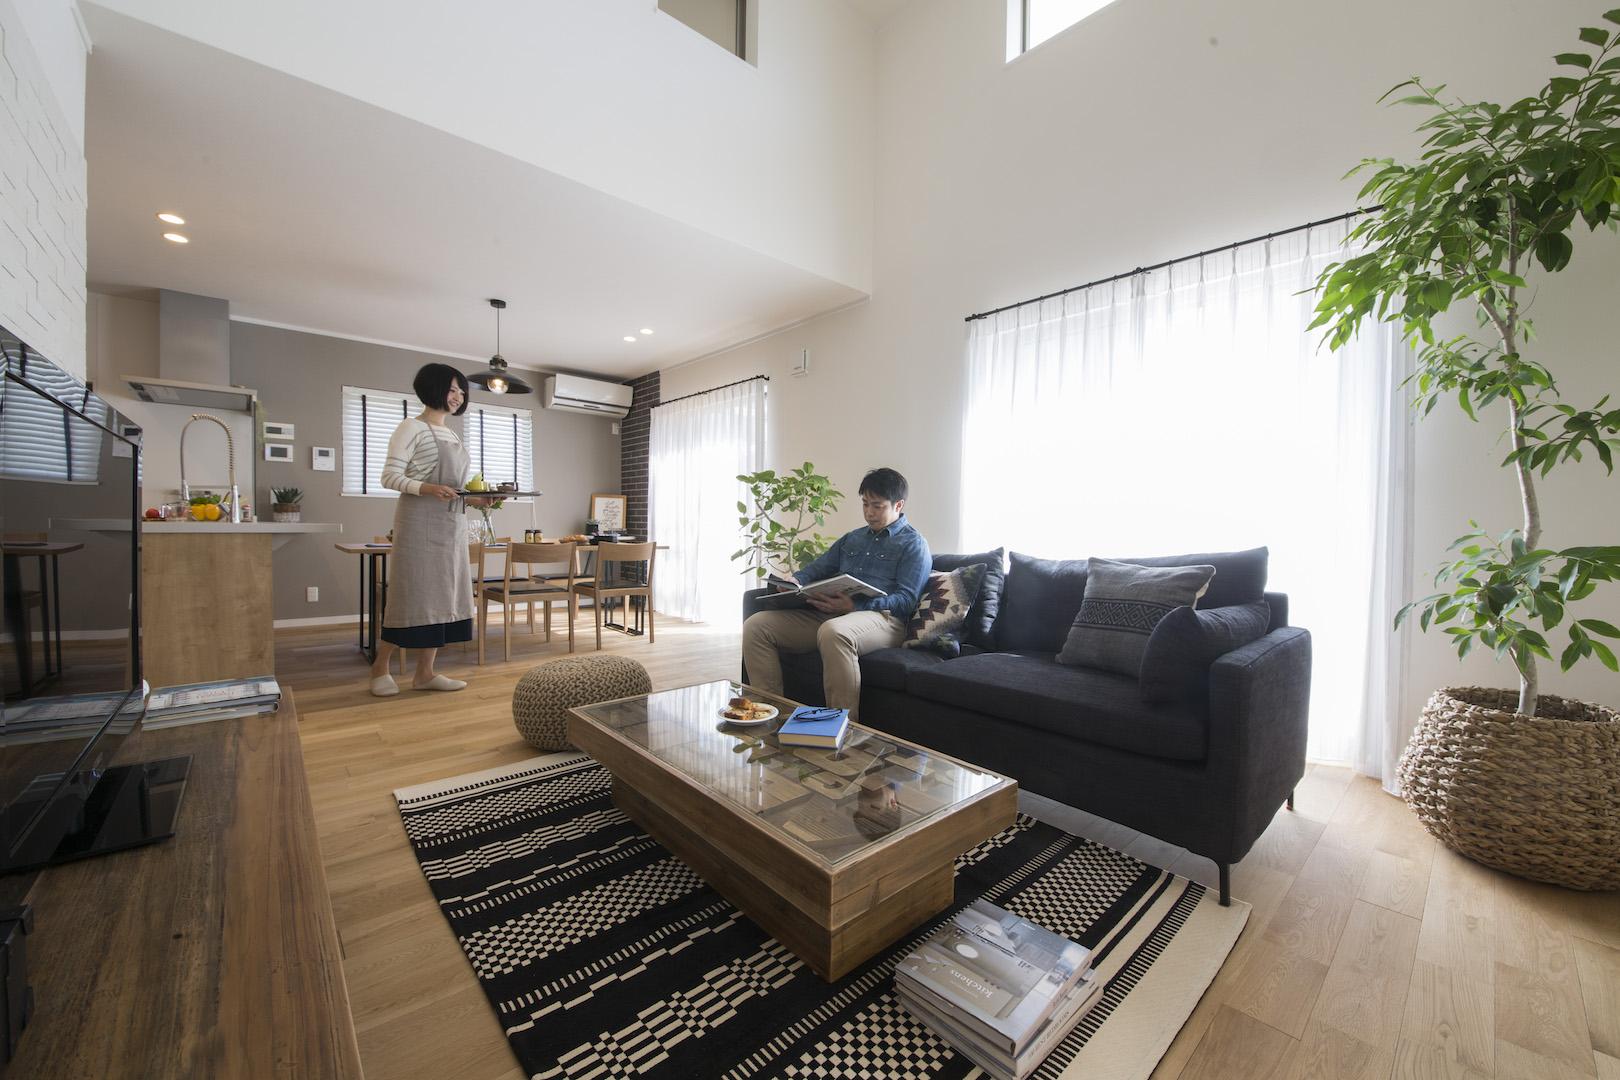 ニッケンホームのモットーは「人に自慢できる家づくり」